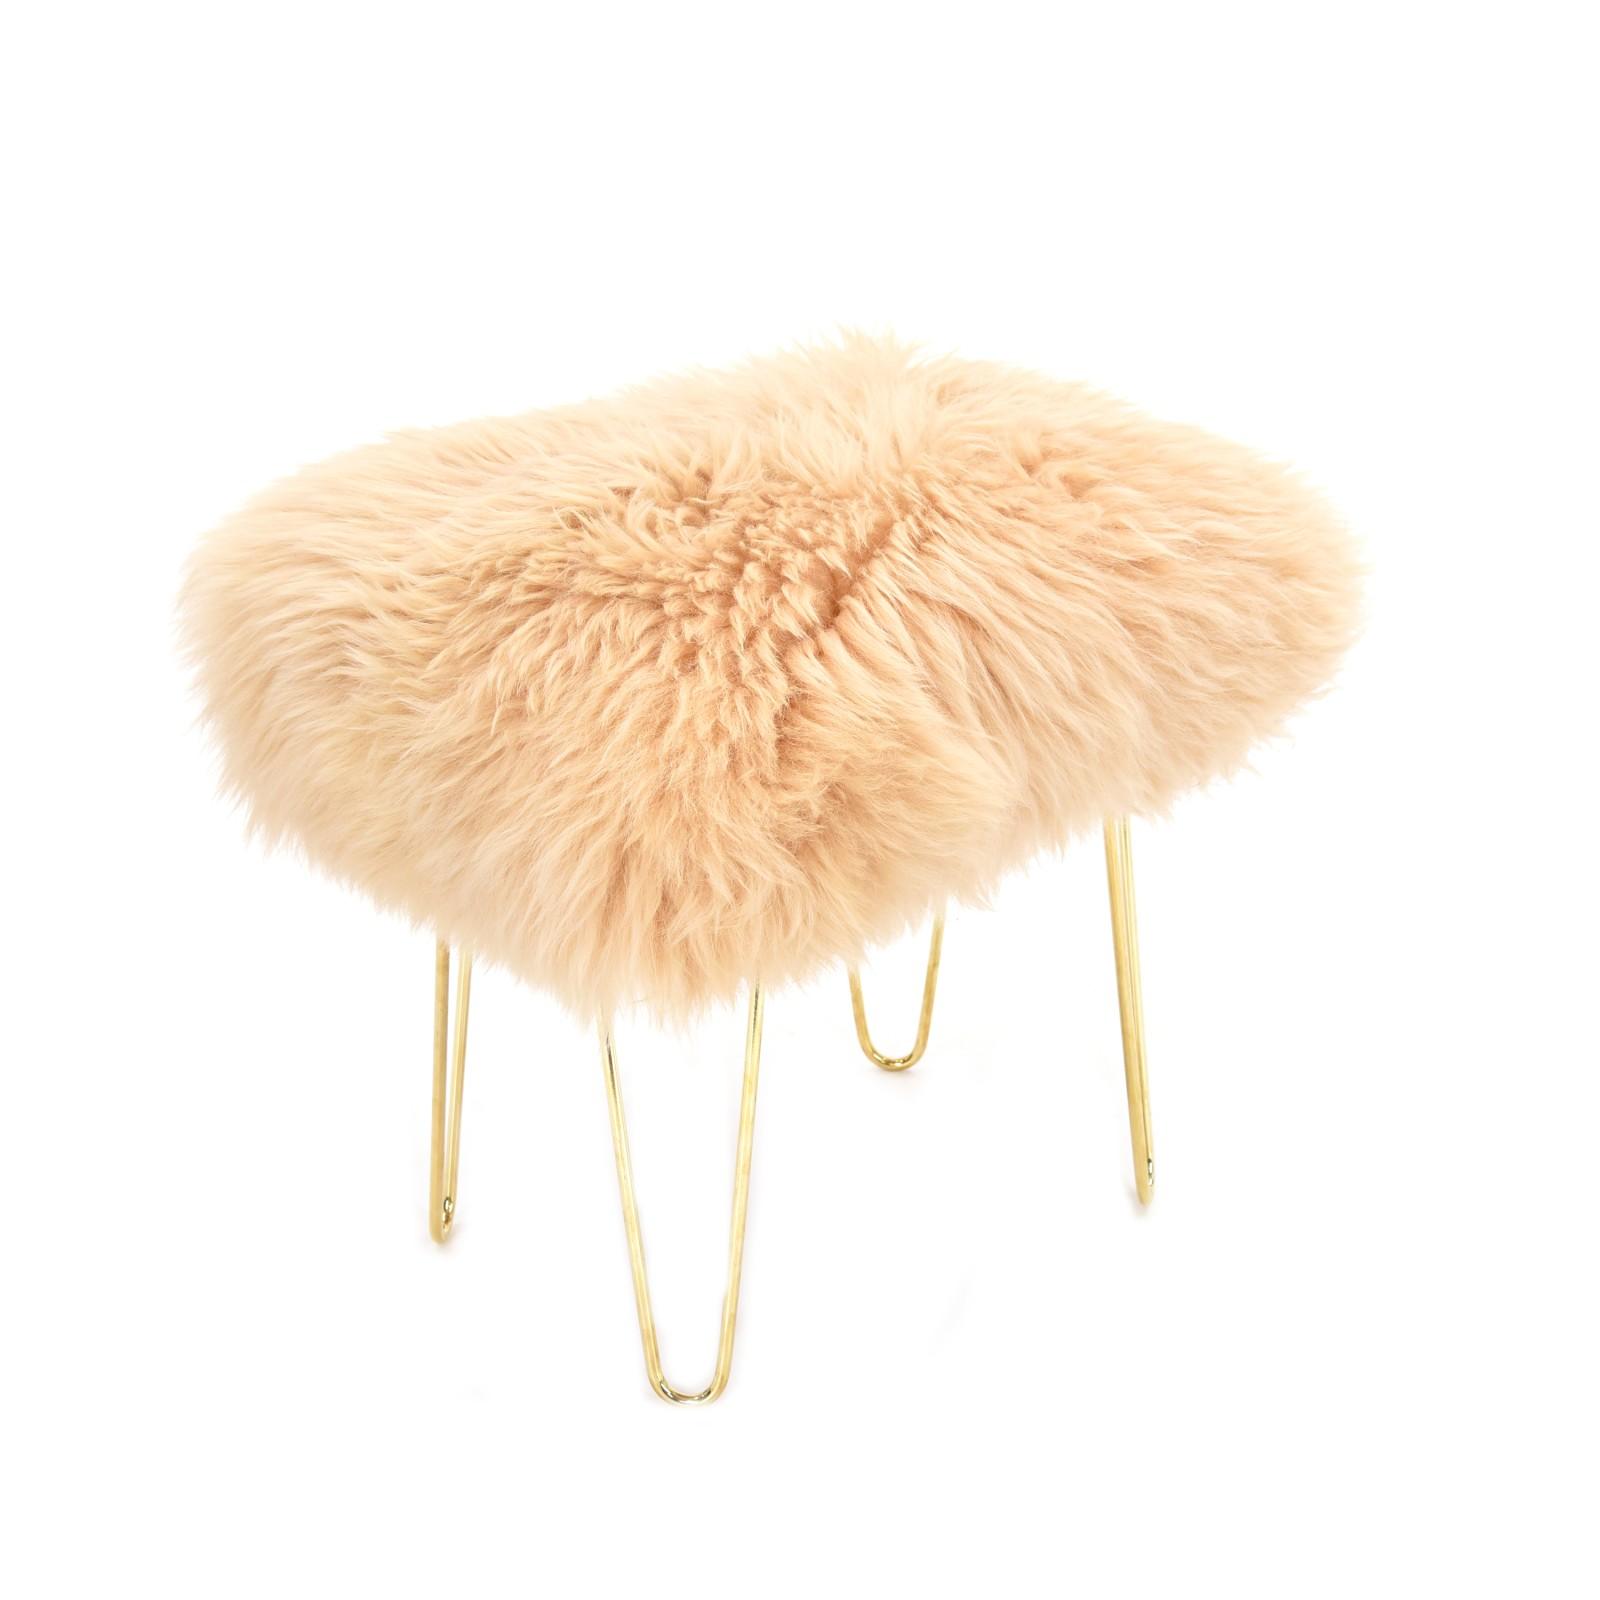 Judy Sheepskin Footstool in Buttermilk